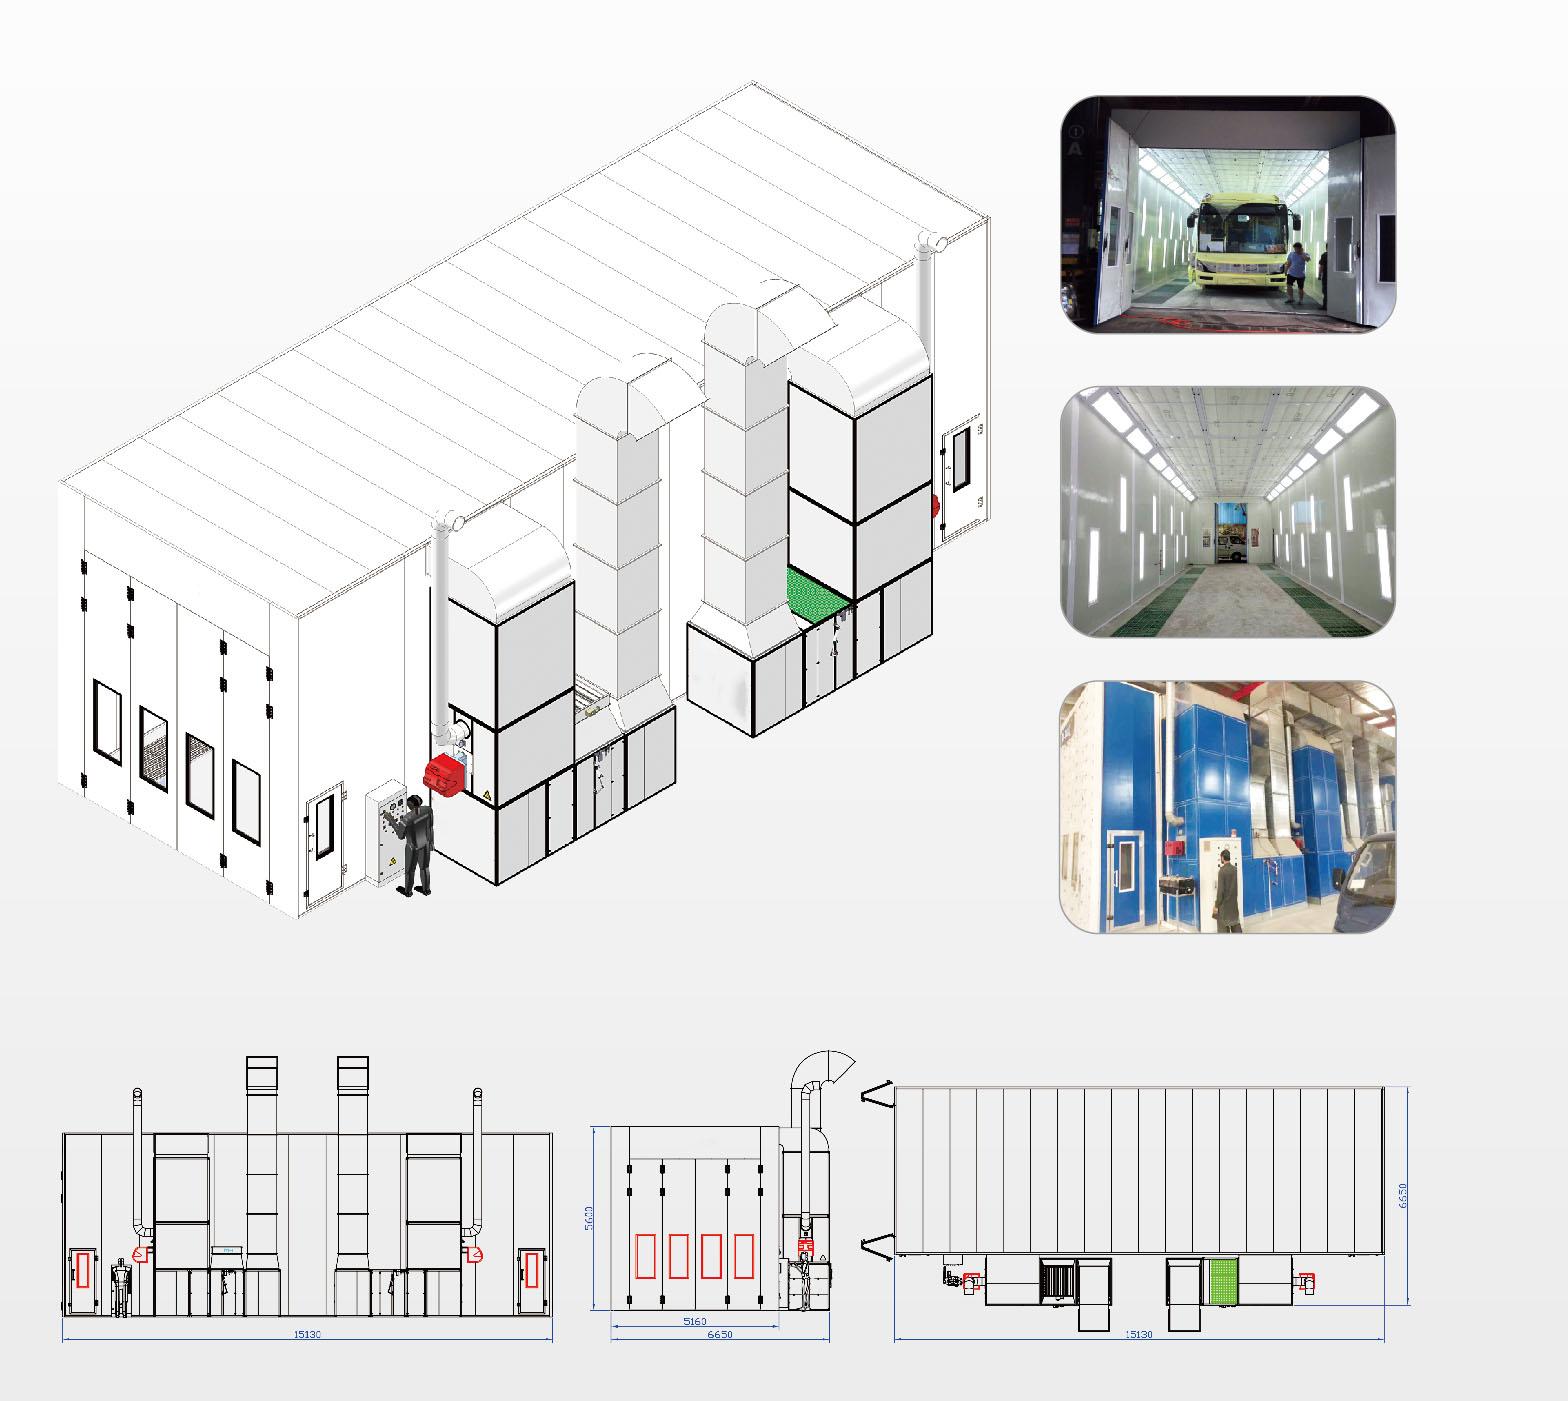 cabine de peinture industrielle - option 2